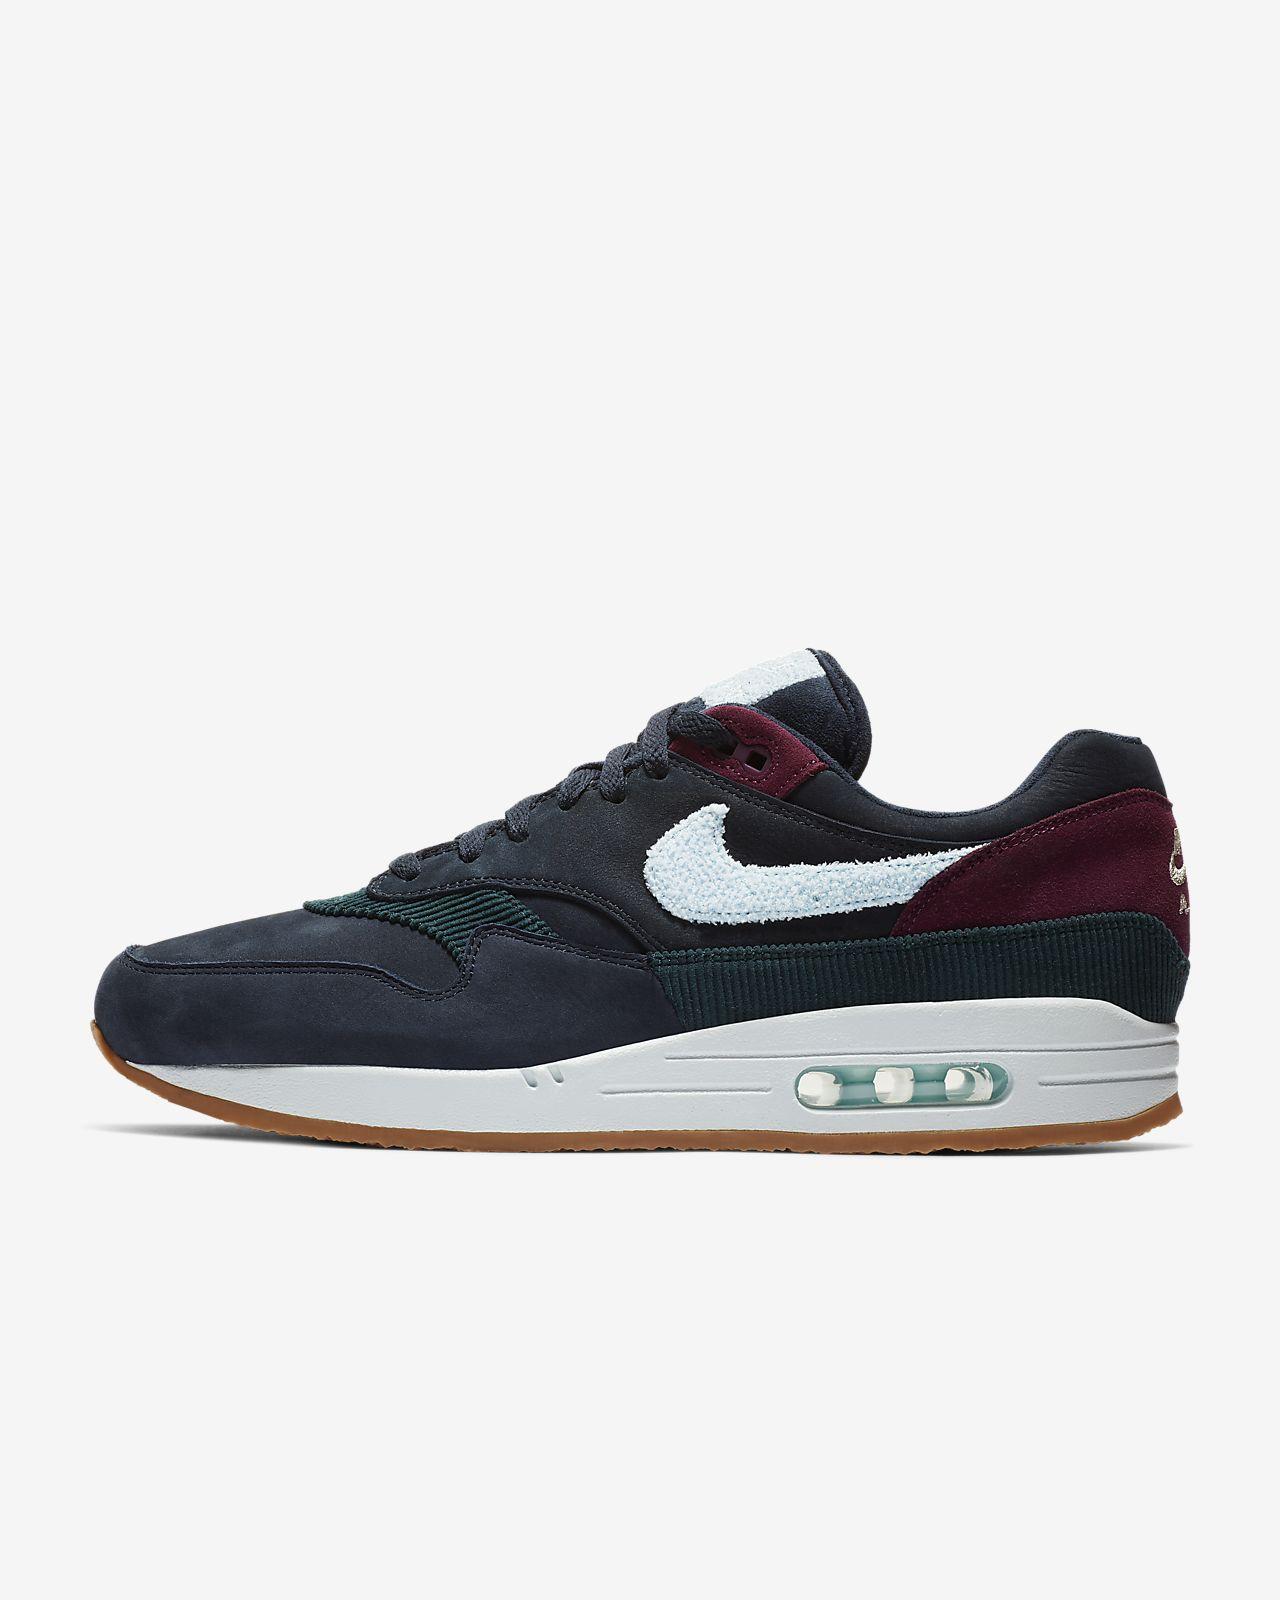 Calzado Nike Air Max 1